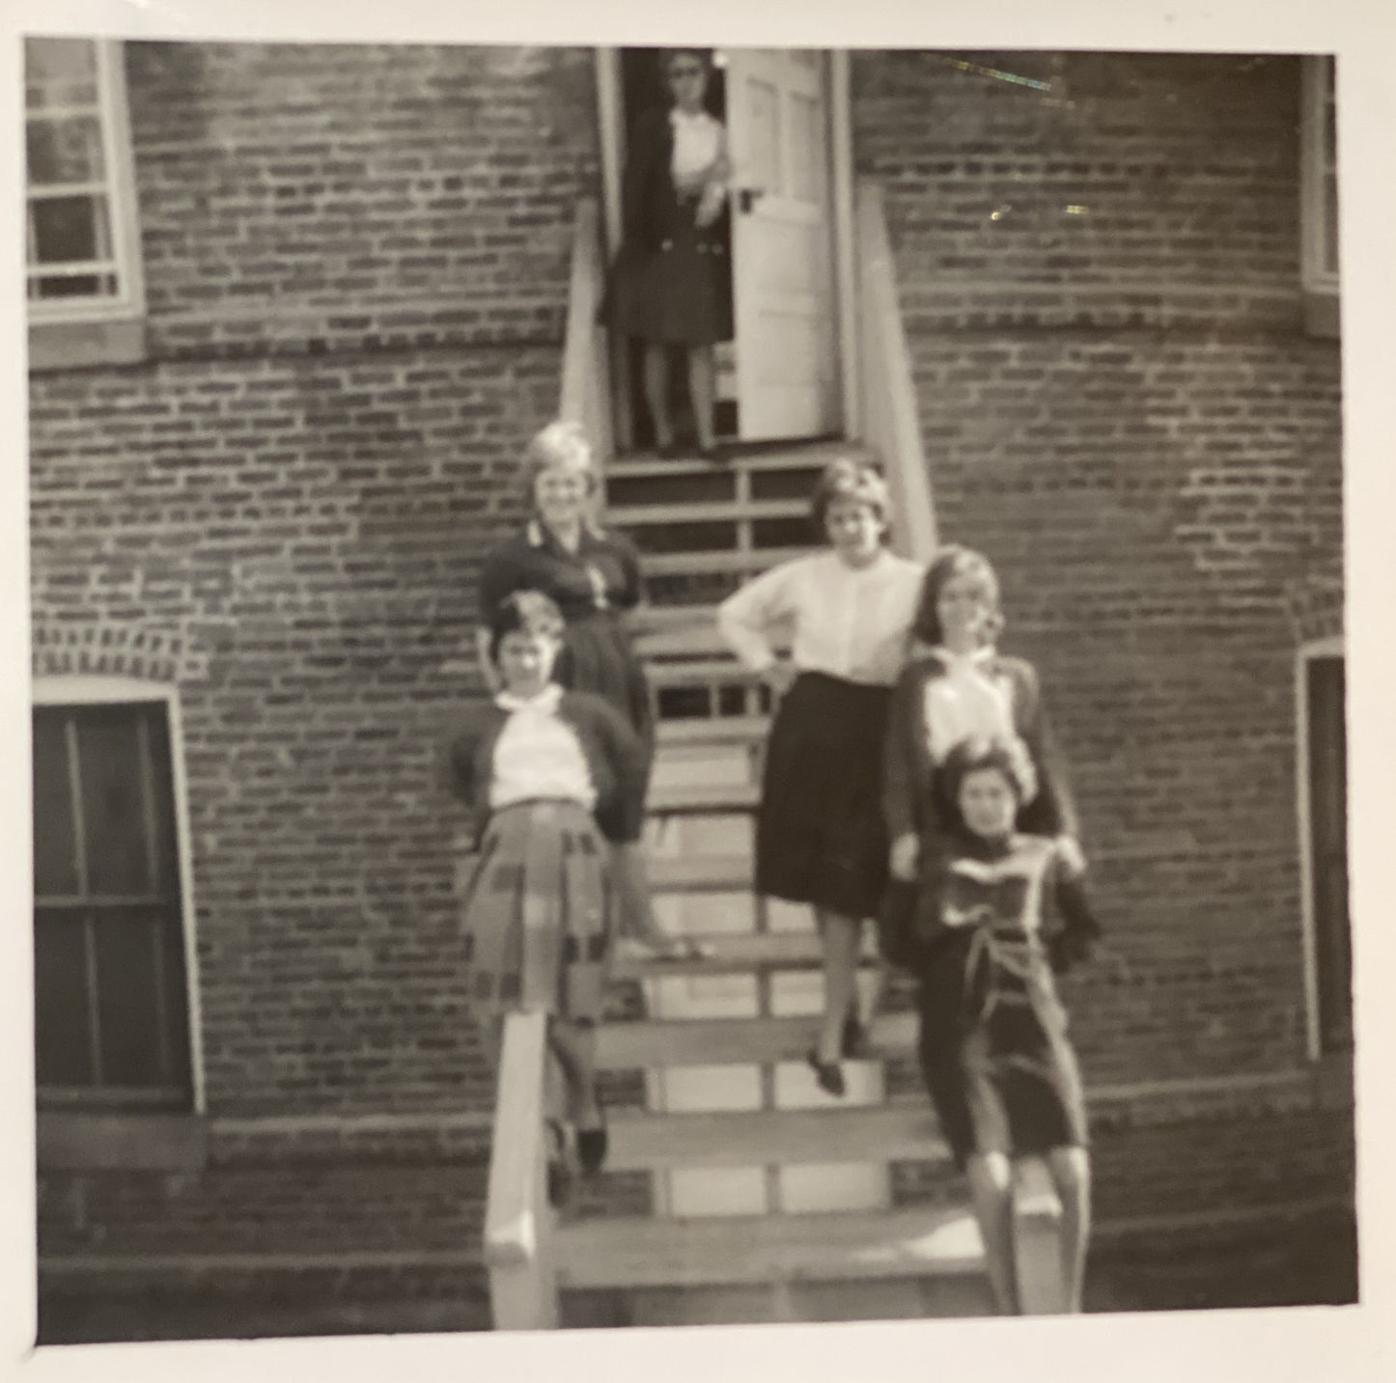 Lovill Residence Hall 1965